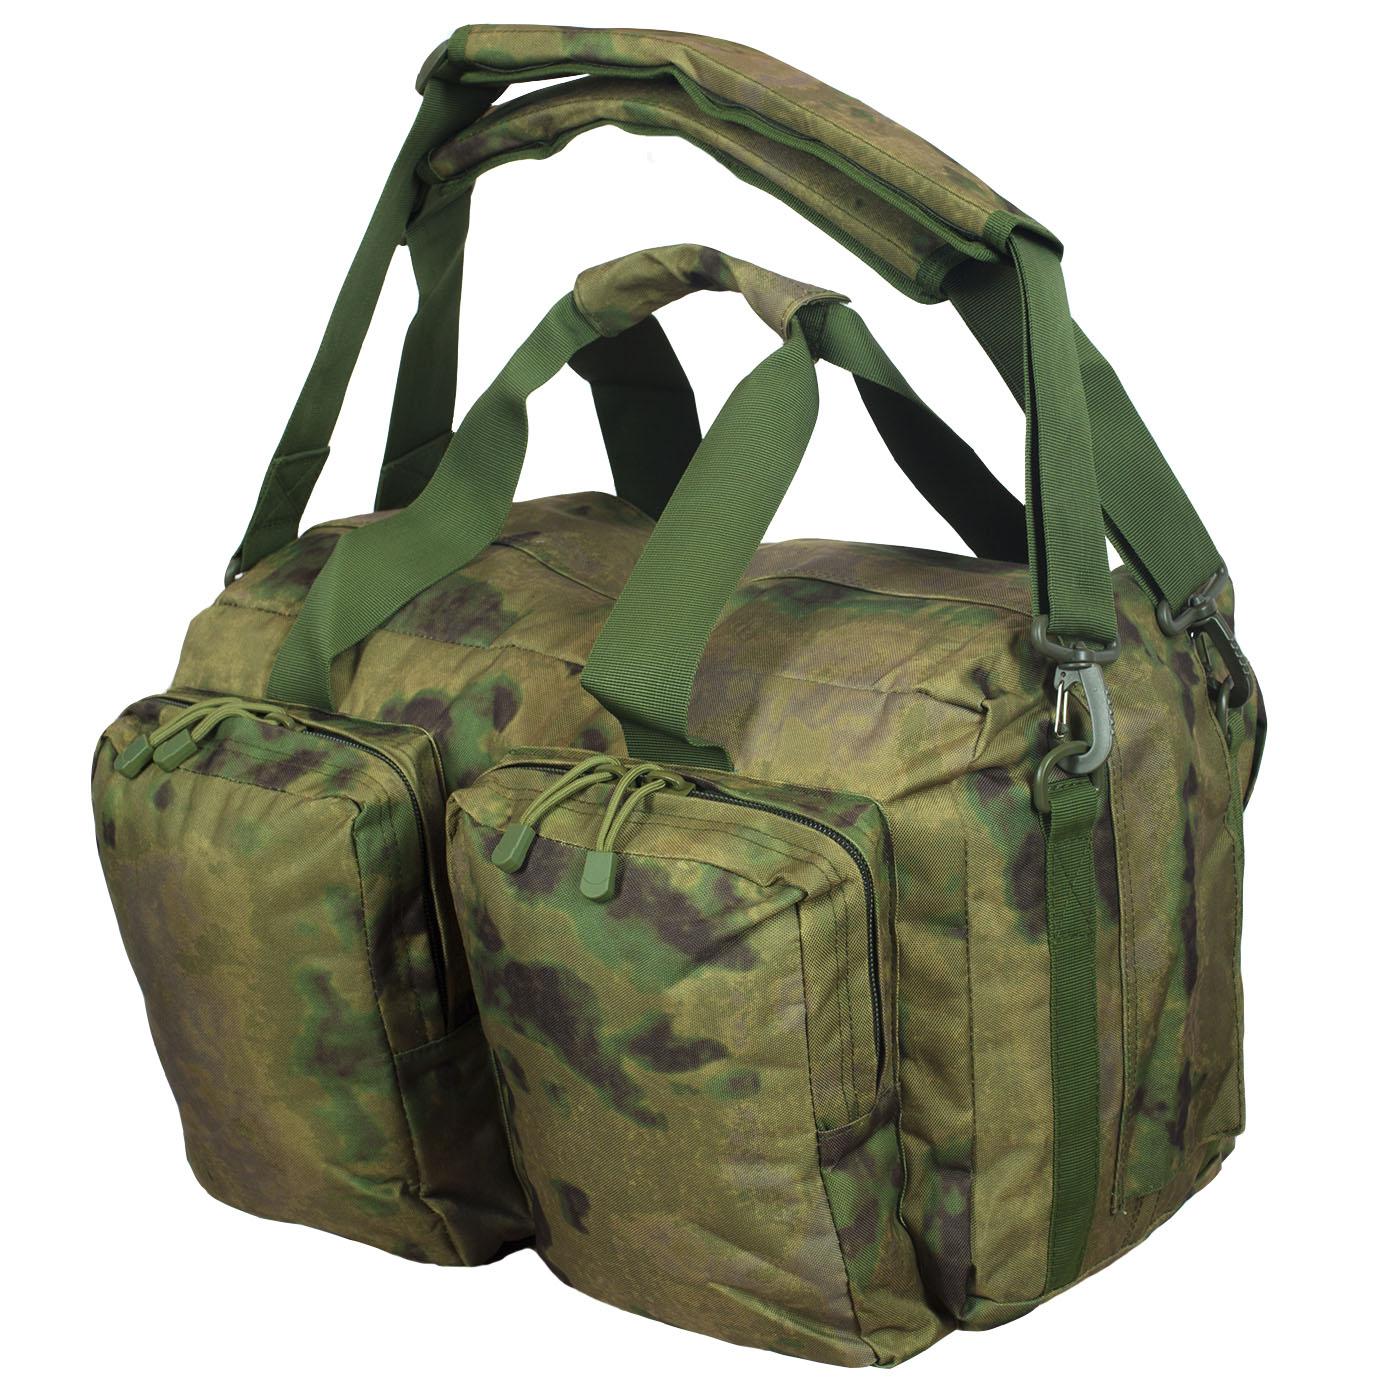 505c8eb1 Камуфляжная дорожная сумка | Купить дорожную сумку с доставкой